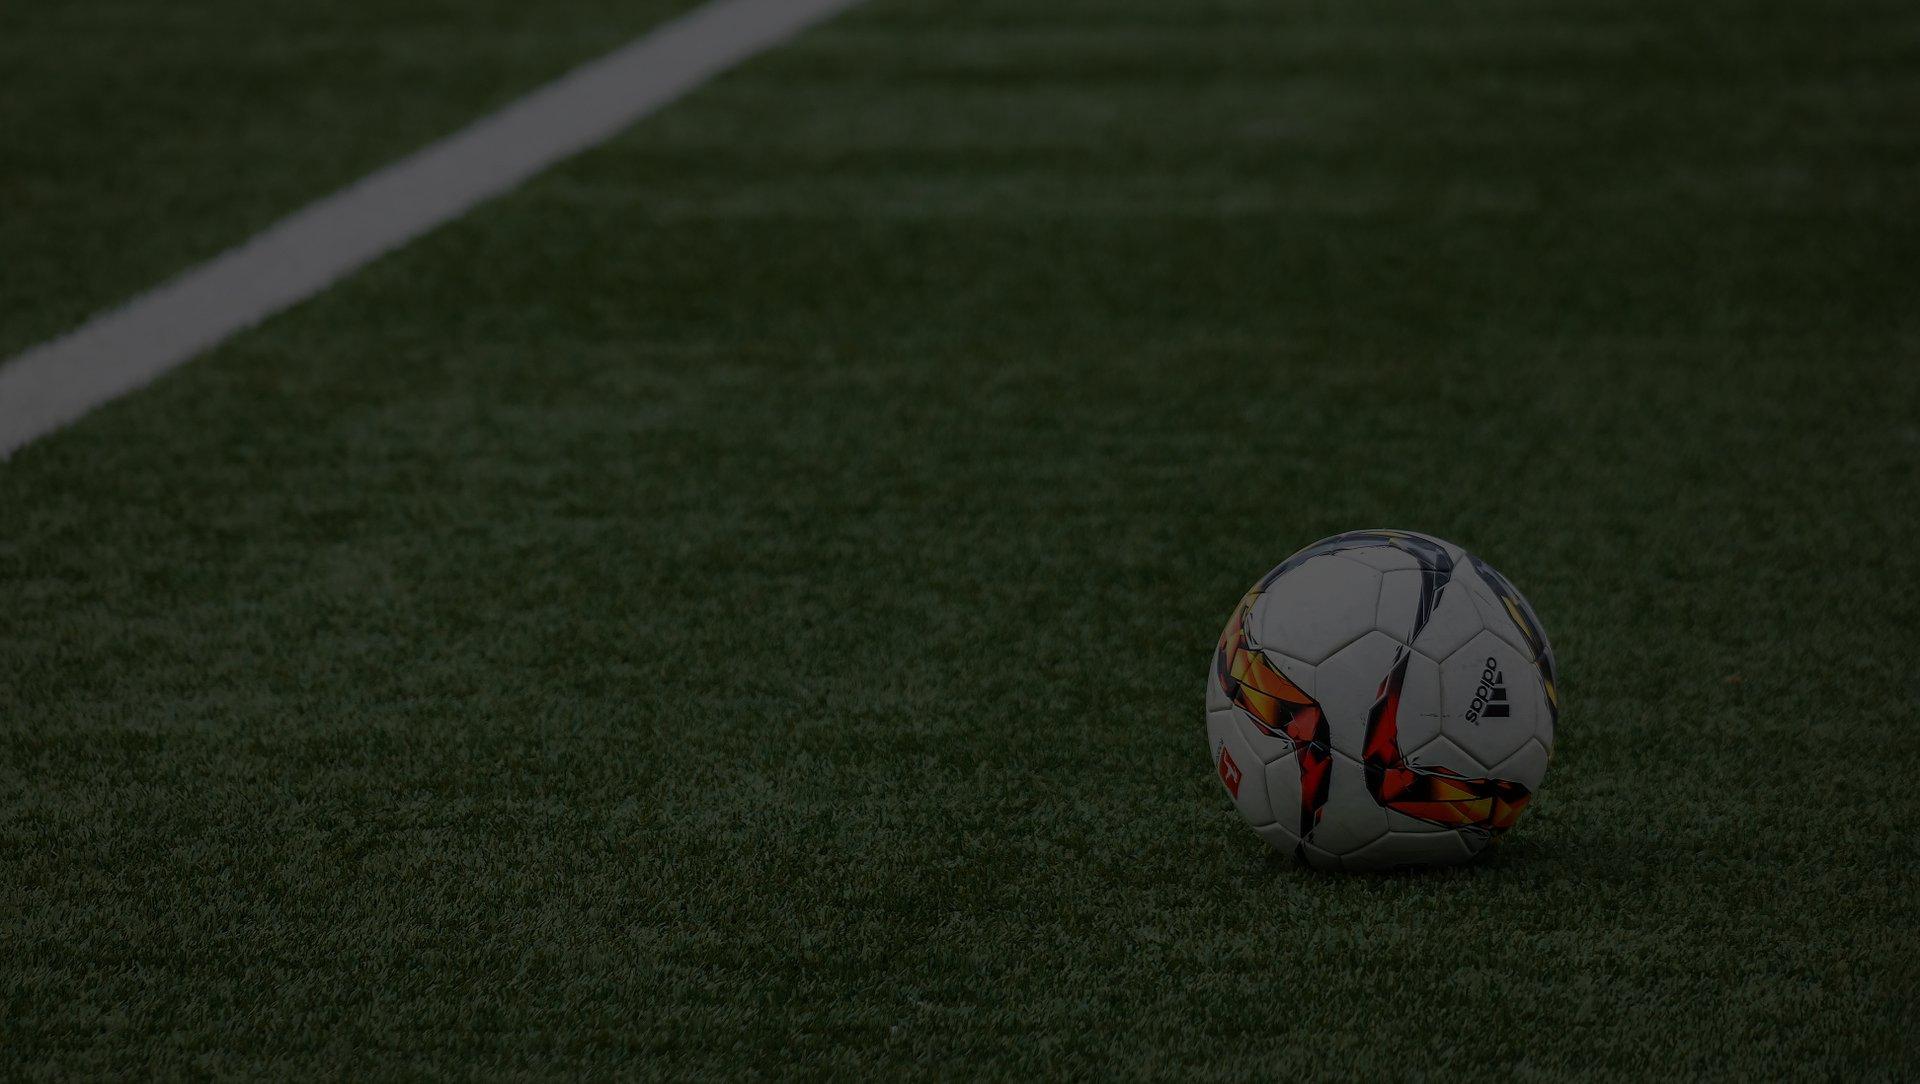 dbate_Fußball-dfb-hintergrund